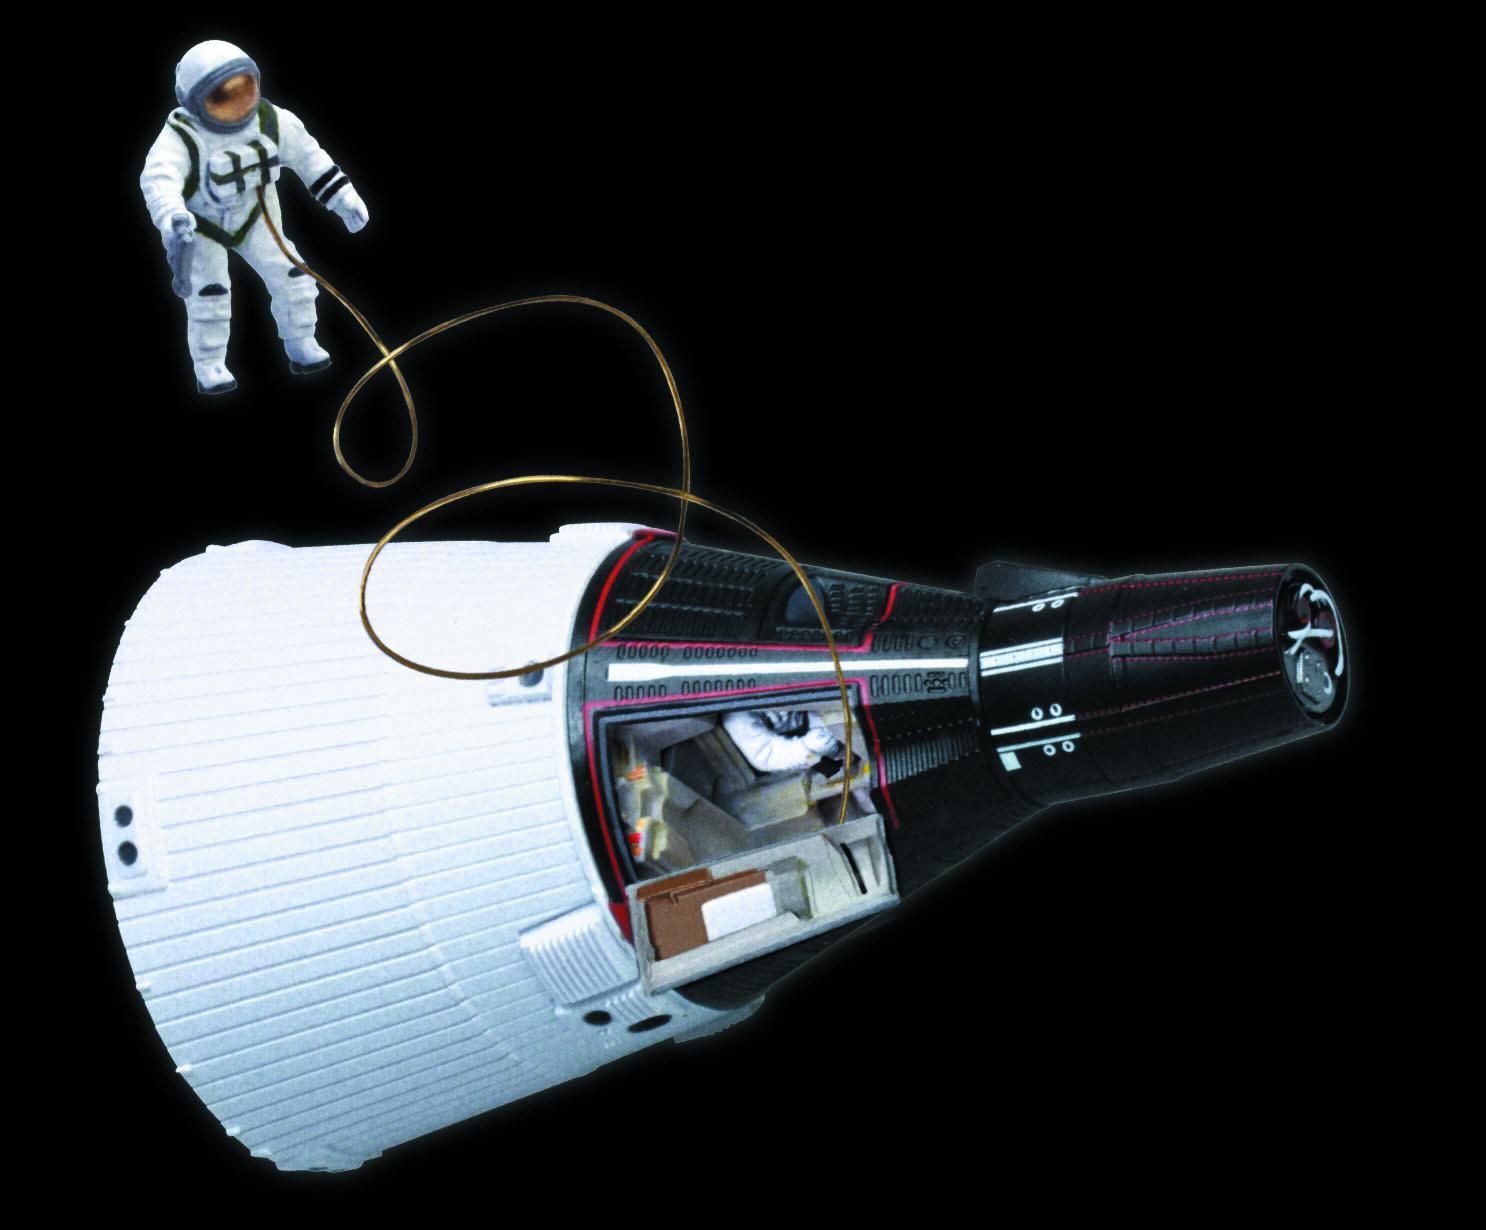 dragon spacecraft models - HD1486×1230